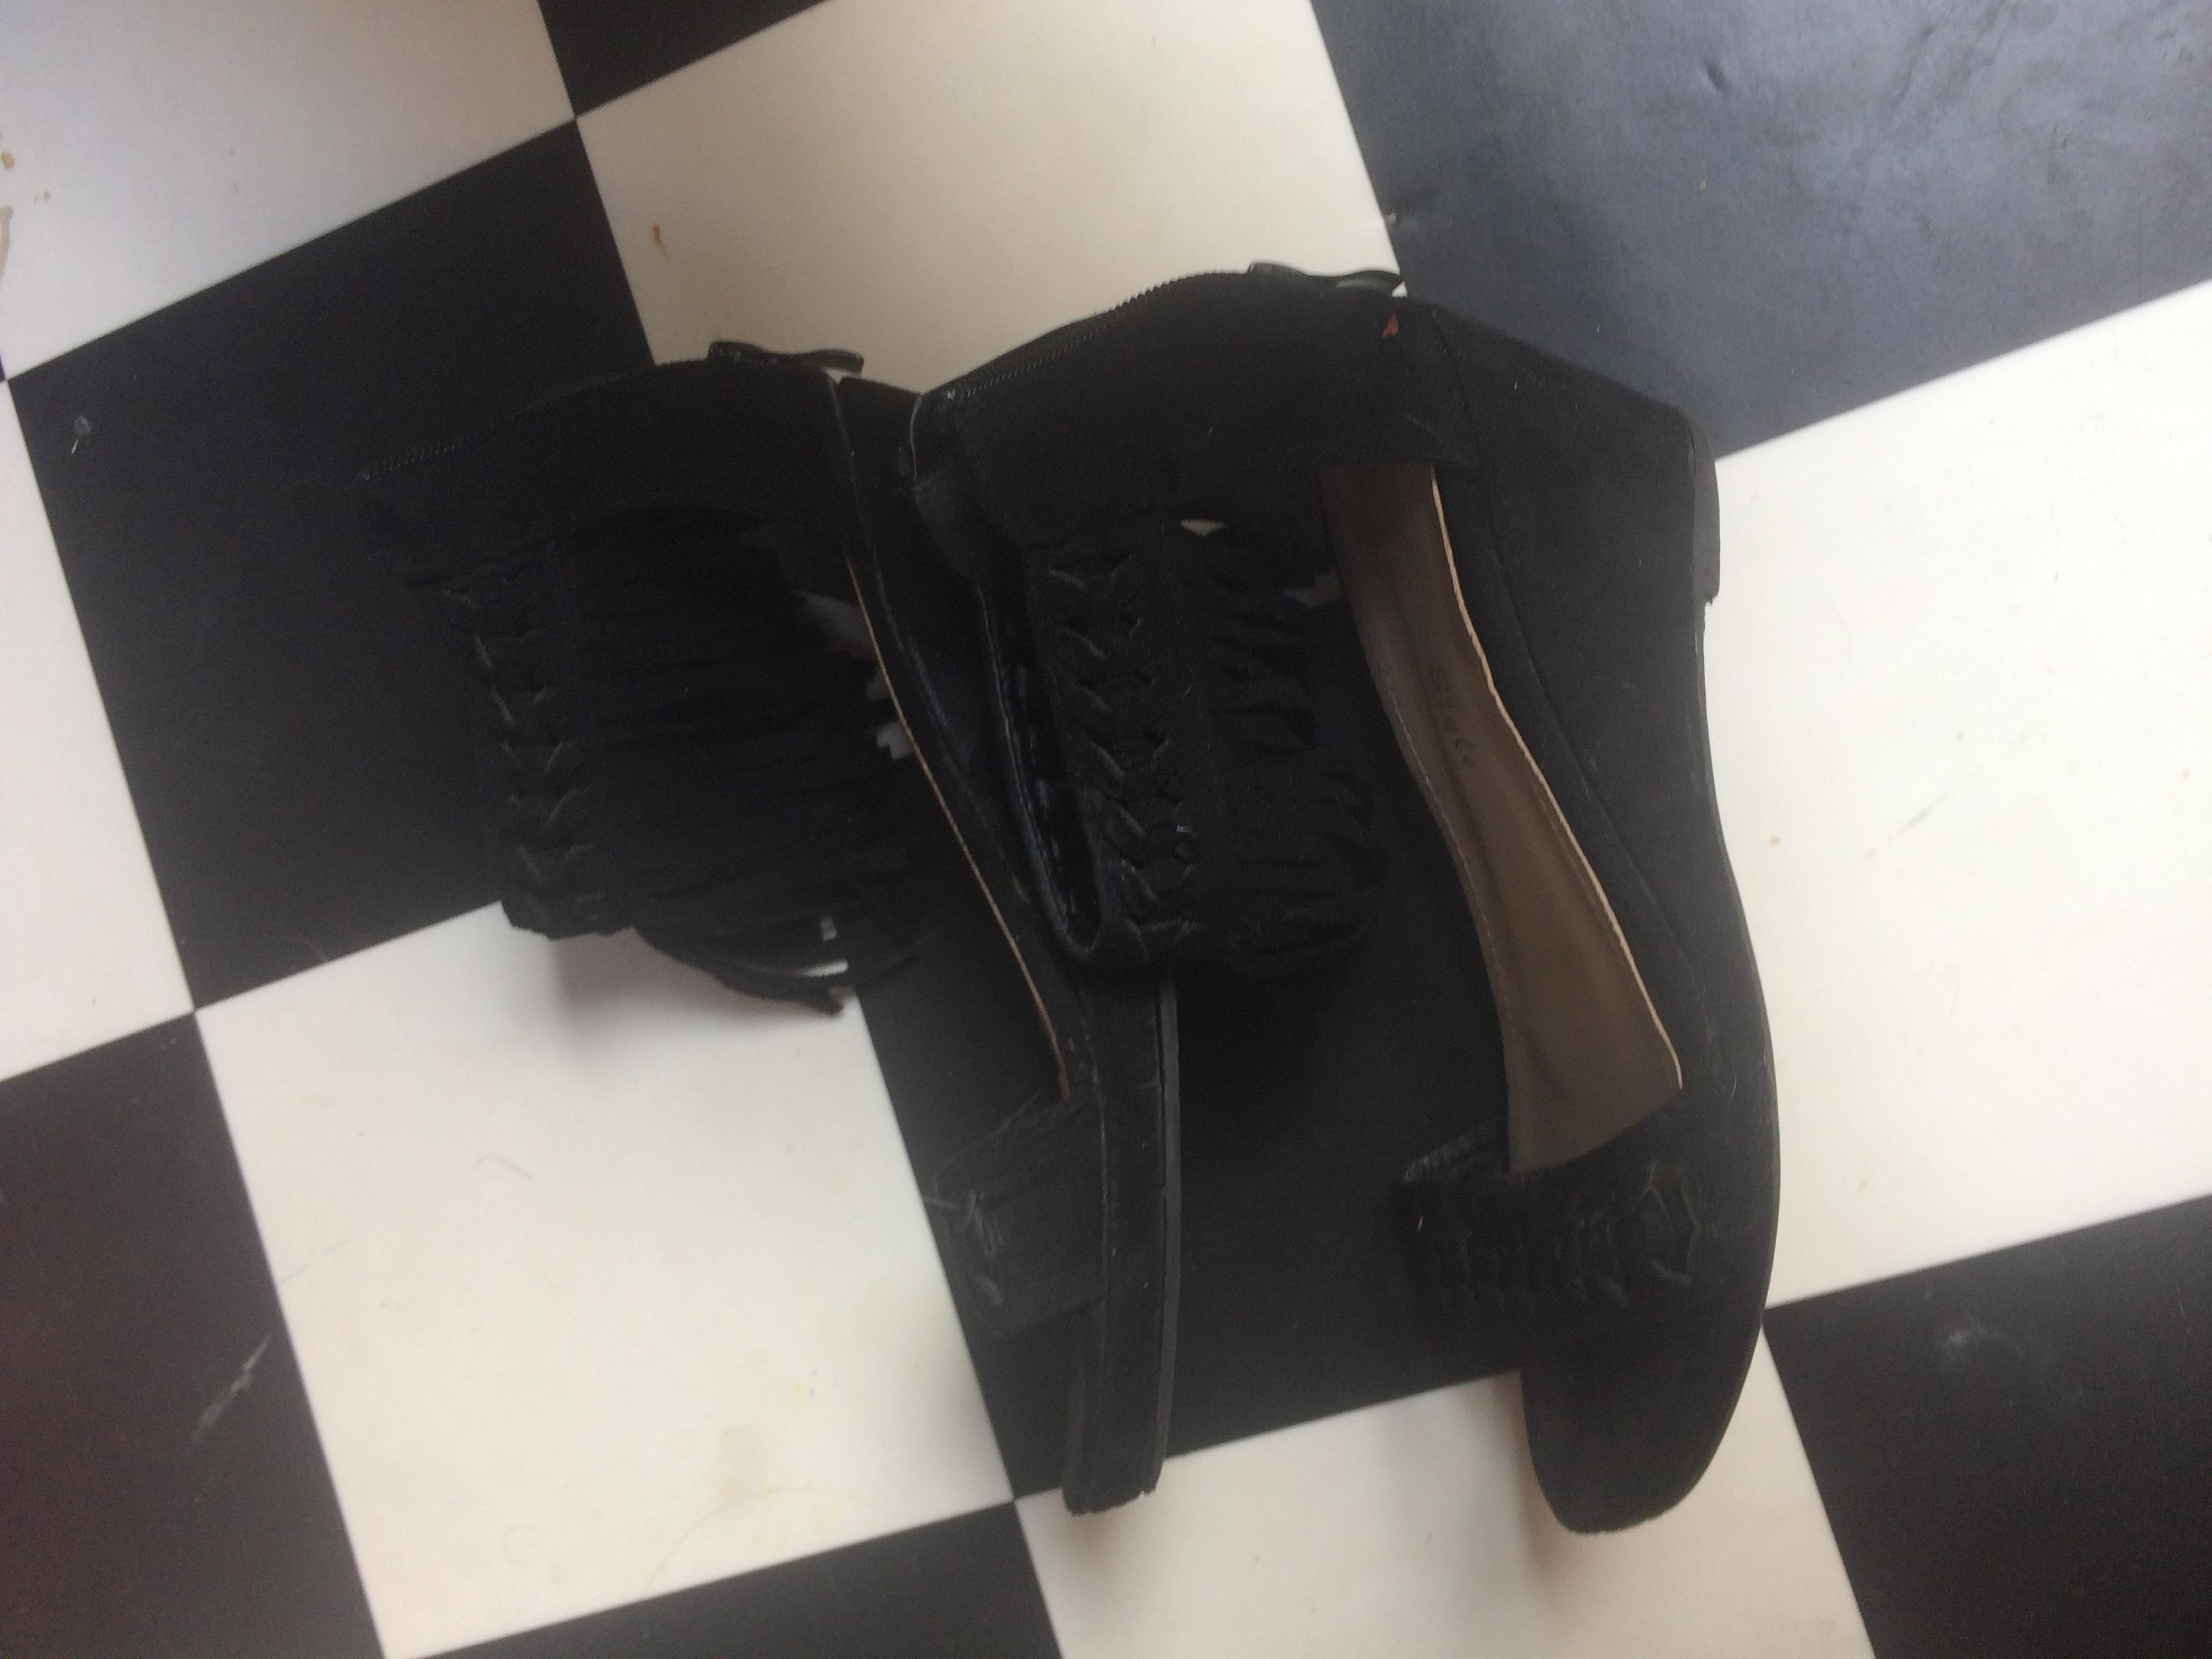 troc de troc sandales compensées t37 image 1